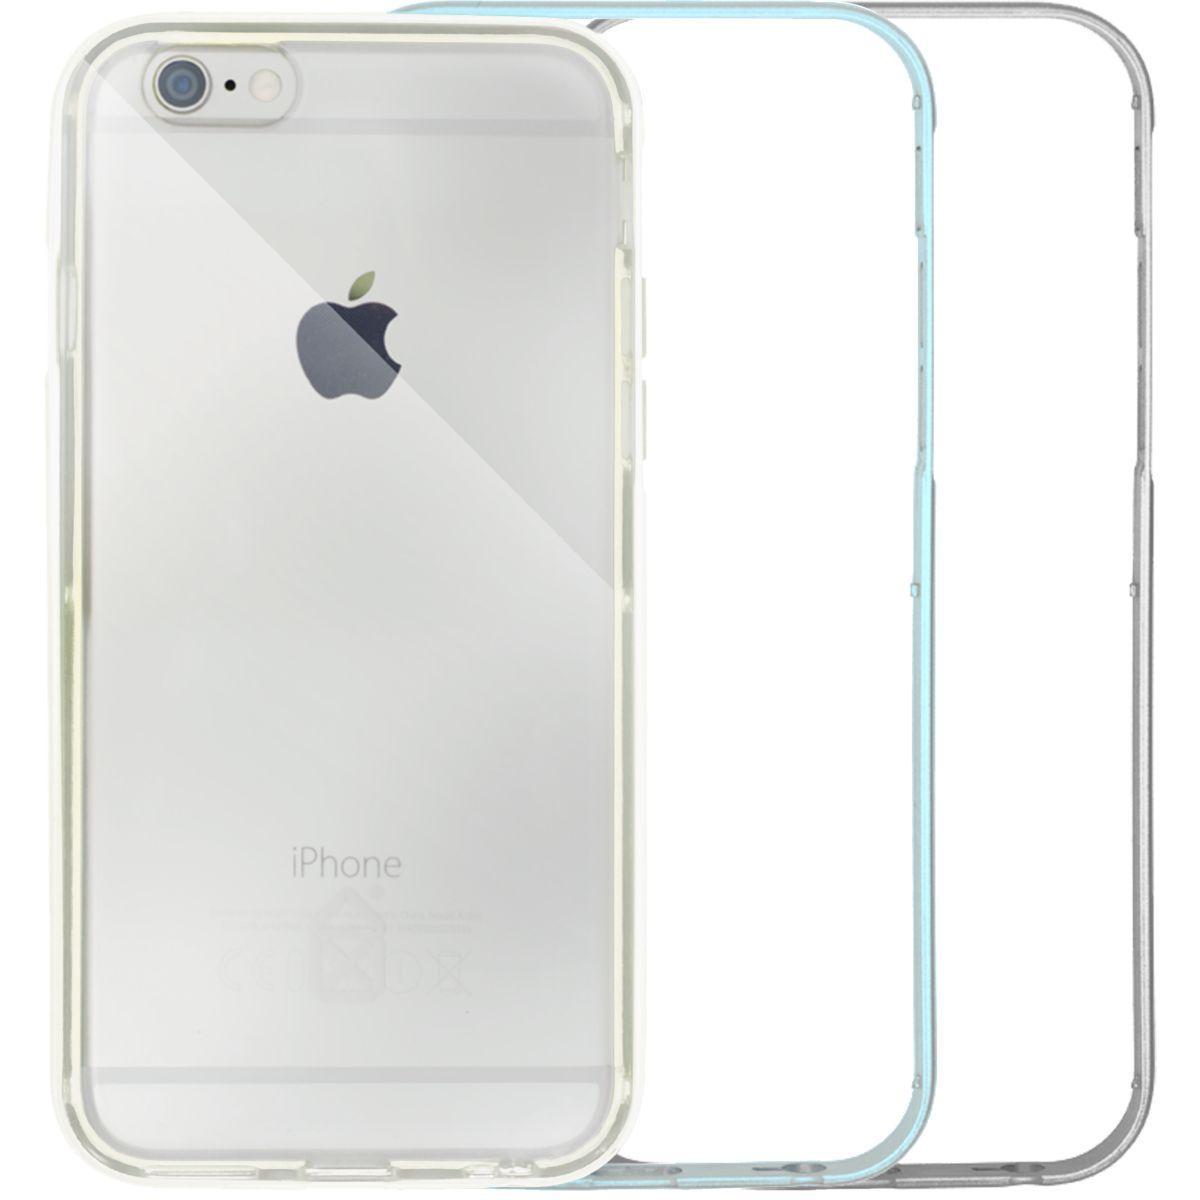 Bumper case scenario 3 en 1 argent iphone 5s/se - 3% de remise immédiate avec le code : multi3 (photo)